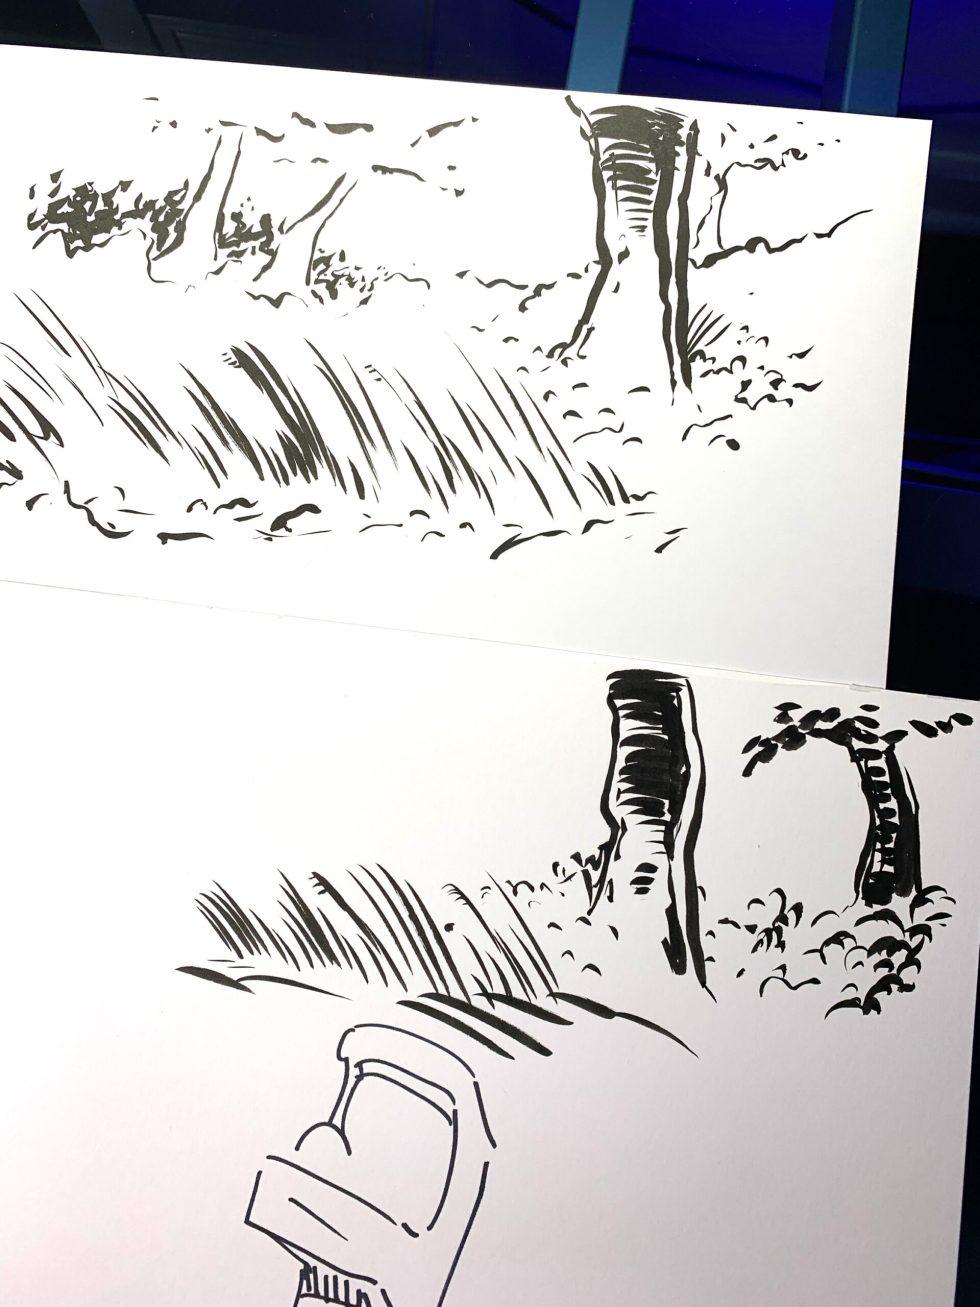 Kuretake No. 50 Fountain Brush image 3